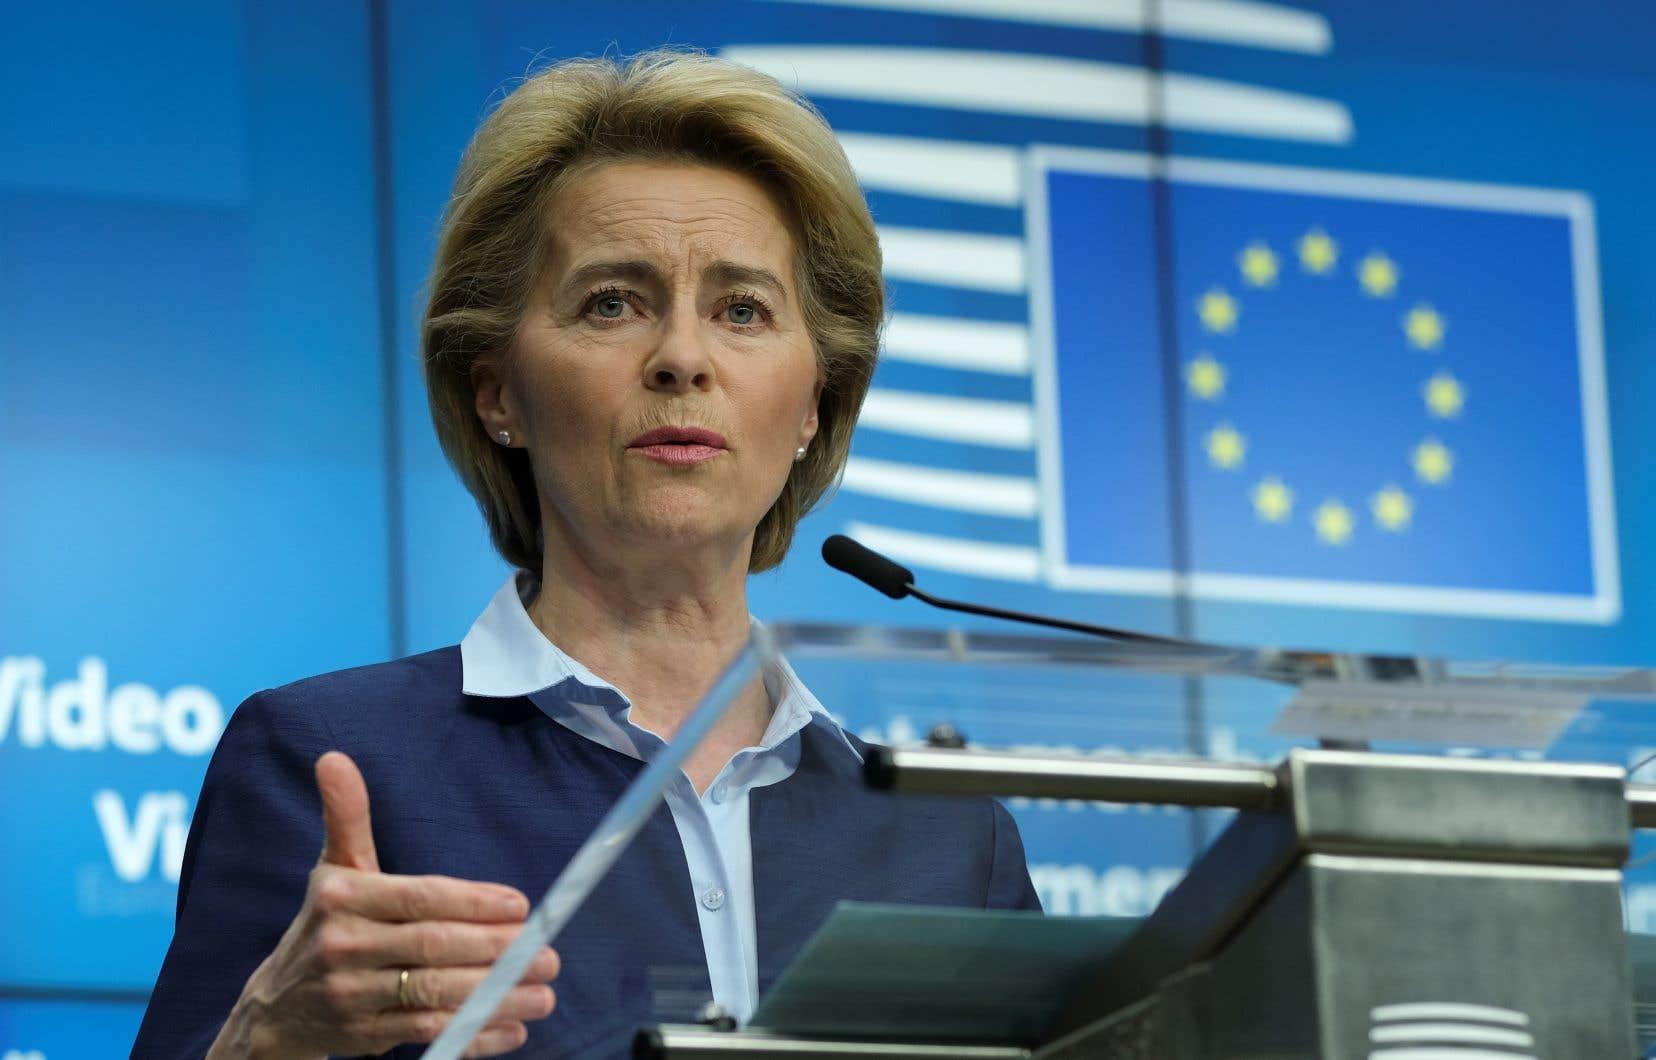 La présidente de la Commission européenne, Ursula von der Leyen, en conférence de presse jeudi